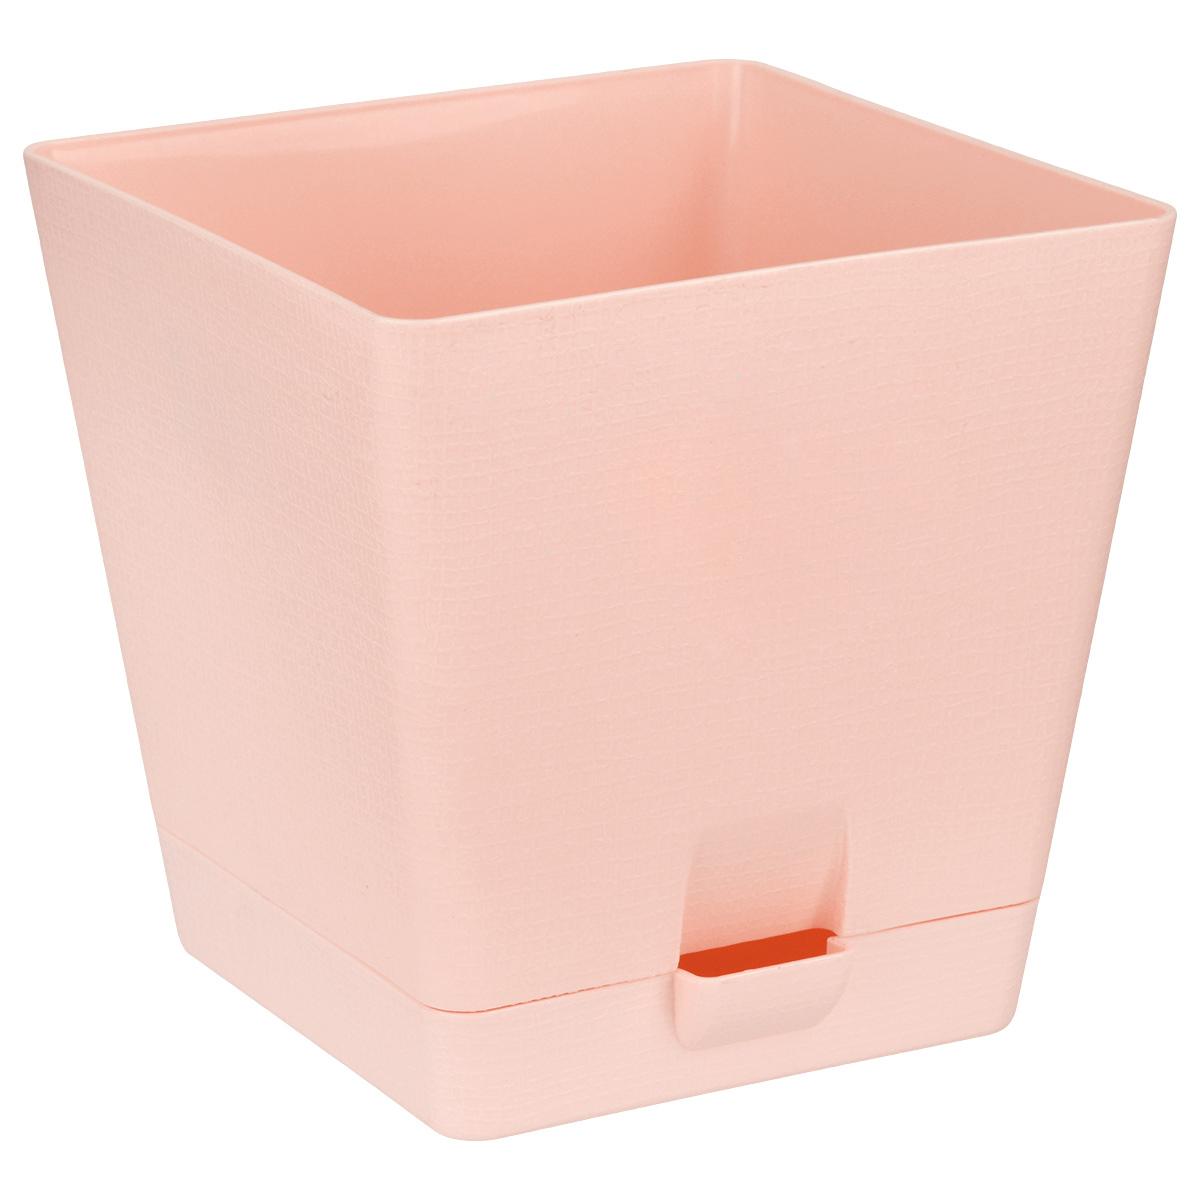 Горшок для цветов Le Parterre, с поддоном, цвет: розовый, 2 л211-3Любой, даже самый современный и продуманный интерьер будет не завершённым без растений. Они не только очищают воздух и насыщают его кислородом, но и заметно украшают окружающее пространство. Такому полезному &laquo члену семьи&raquoпросто необходимо красивое и функциональное кашпо, оригинальный горшок или необычная ваза! Мы предлагаем - Горшок для цветов с поддоном 2 л Le Parterre, d=15 см, квадратный, цвет розовый!Оптимальный выбор материала &mdash &nbsp пластмасса! Почему мы так считаем? Малый вес. С лёгкостью переносите горшки и кашпо с места на место, ставьте их на столики или полки, подвешивайте под потолок, не беспокоясь о нагрузке. Простота ухода. Пластиковые изделия не нуждаются в специальных условиях хранения. Их&nbsp легко чистить &mdashдостаточно просто сполоснуть тёплой водой. Никаких царапин. Пластиковые кашпо не царапают и не загрязняют поверхности, на которых стоят. Пластик дольше хранит влагу, а значит &mdashрастение реже нуждается в поливе. Пластмасса не пропускает воздух &mdashкорневой системе растения не грозят резкие перепады температур. Огромный выбор форм, декора и расцветок &mdashвы без труда подберёте что-то, что идеально впишется в уже существующий интерьер.Соблюдая нехитрые правила ухода, вы можете заметно продлить срок службы горшков, вазонов и кашпо из пластика: всегда учитывайте размер кроны и корневой системы растения (при разрастании большое растение способно повредить маленький горшок)берегите изделие от воздействия прямых солнечных лучей, чтобы кашпо и горшки не выцветалидержите кашпо и горшки из пластика подальше от нагревающихся поверхностей.Создавайте прекрасные цветочные композиции, выращивайте рассаду или необычные растения, а низкие цены позволят вам не ограничивать себя в выборе.